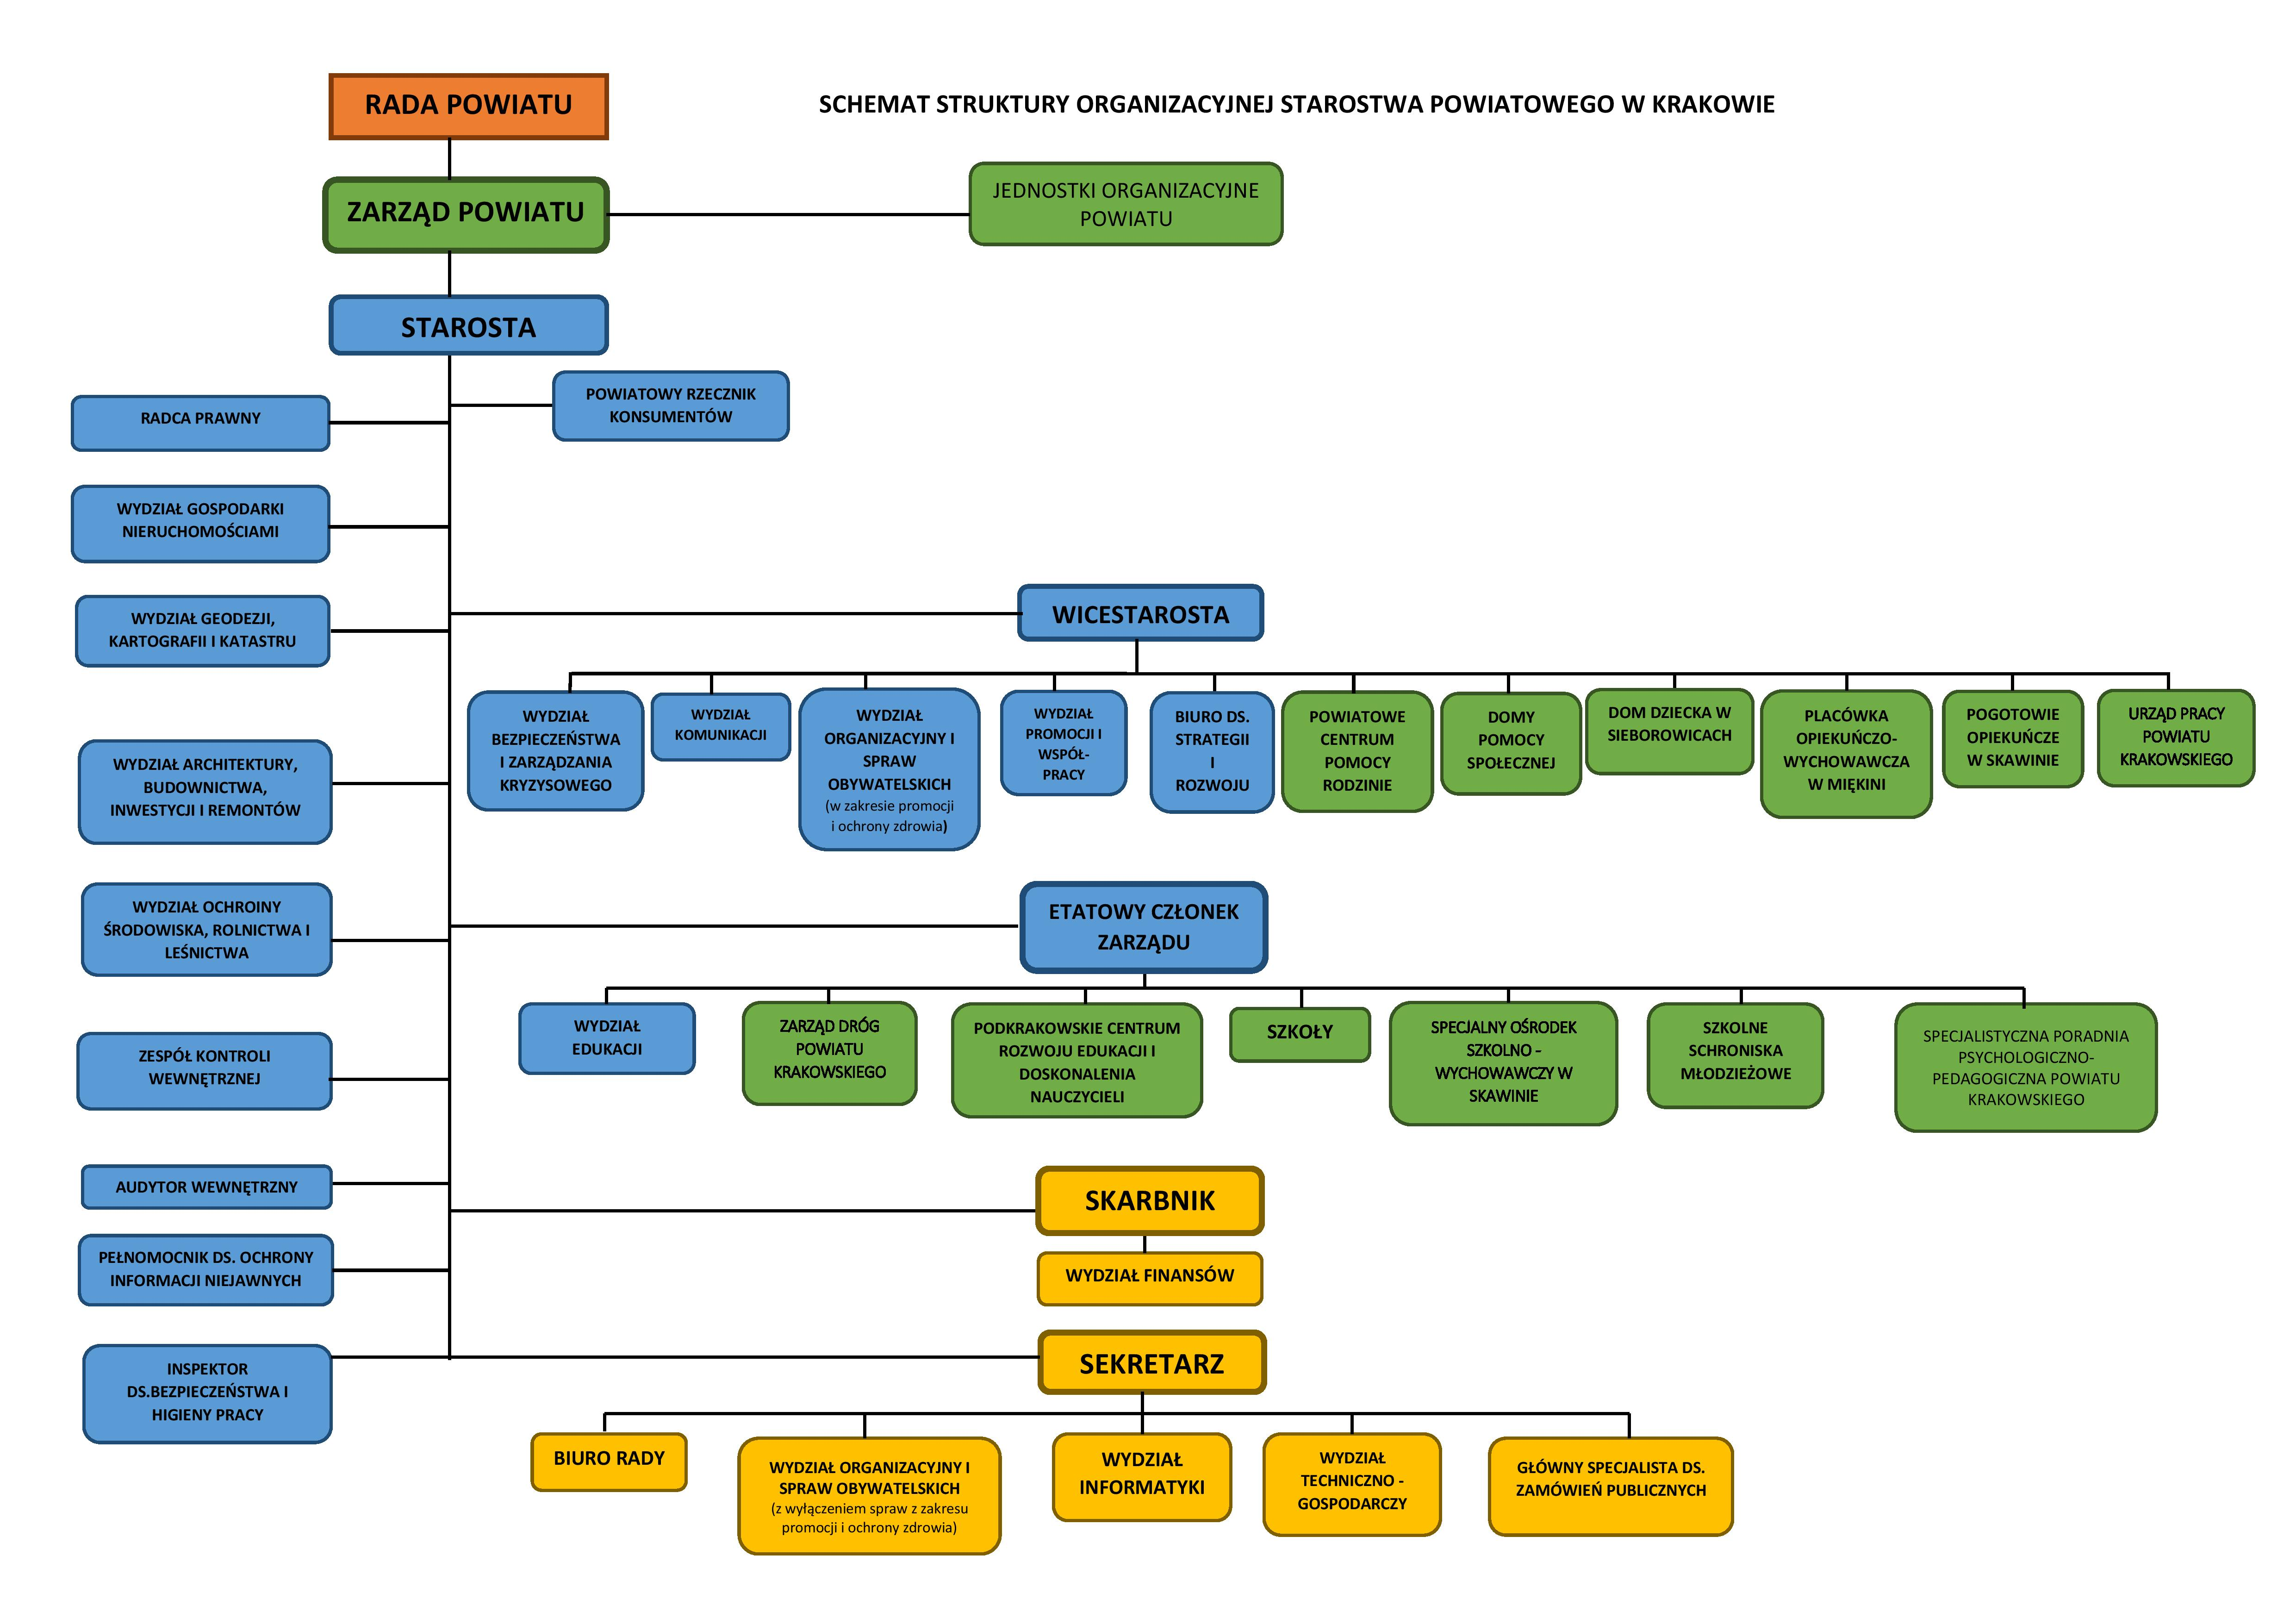 Schemat struktury organizacyjnej Starostwa Powiatowego w Krakowie – załącznik do Regulaminu Organizacyjnego